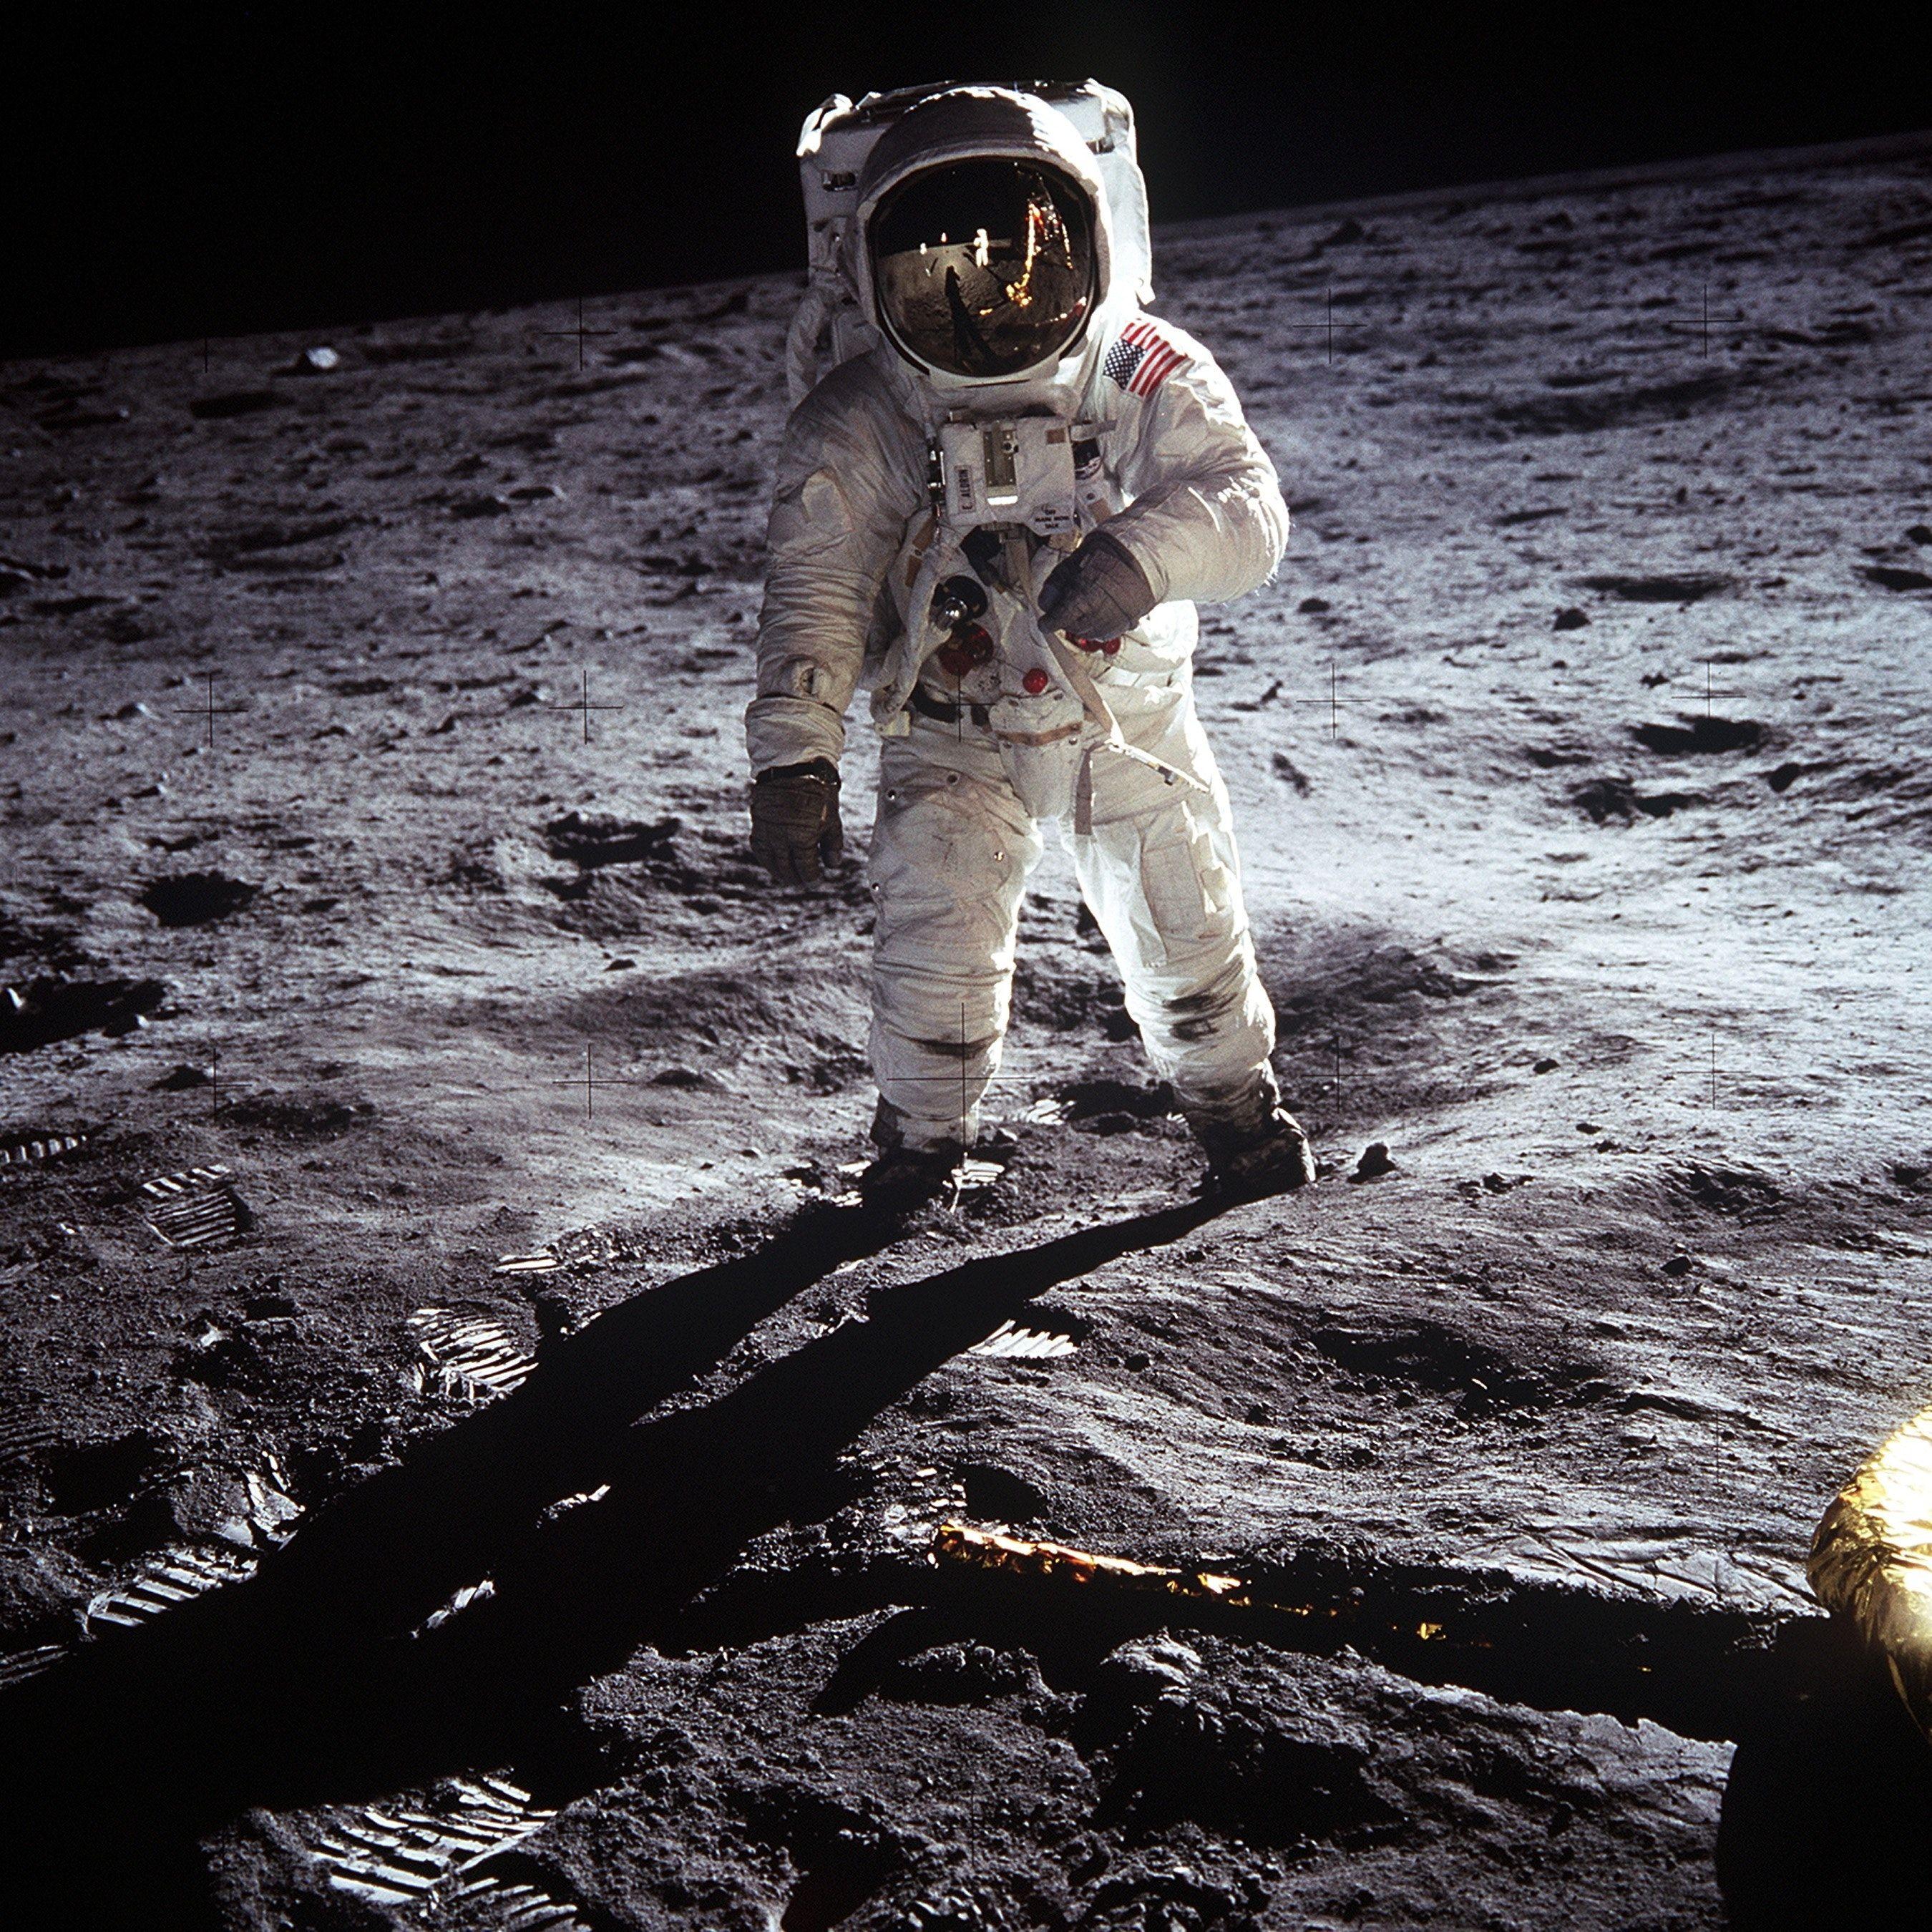 A NASA újra embert küld a Holdra – Elon Musk cége építi hozzá az űrhajót